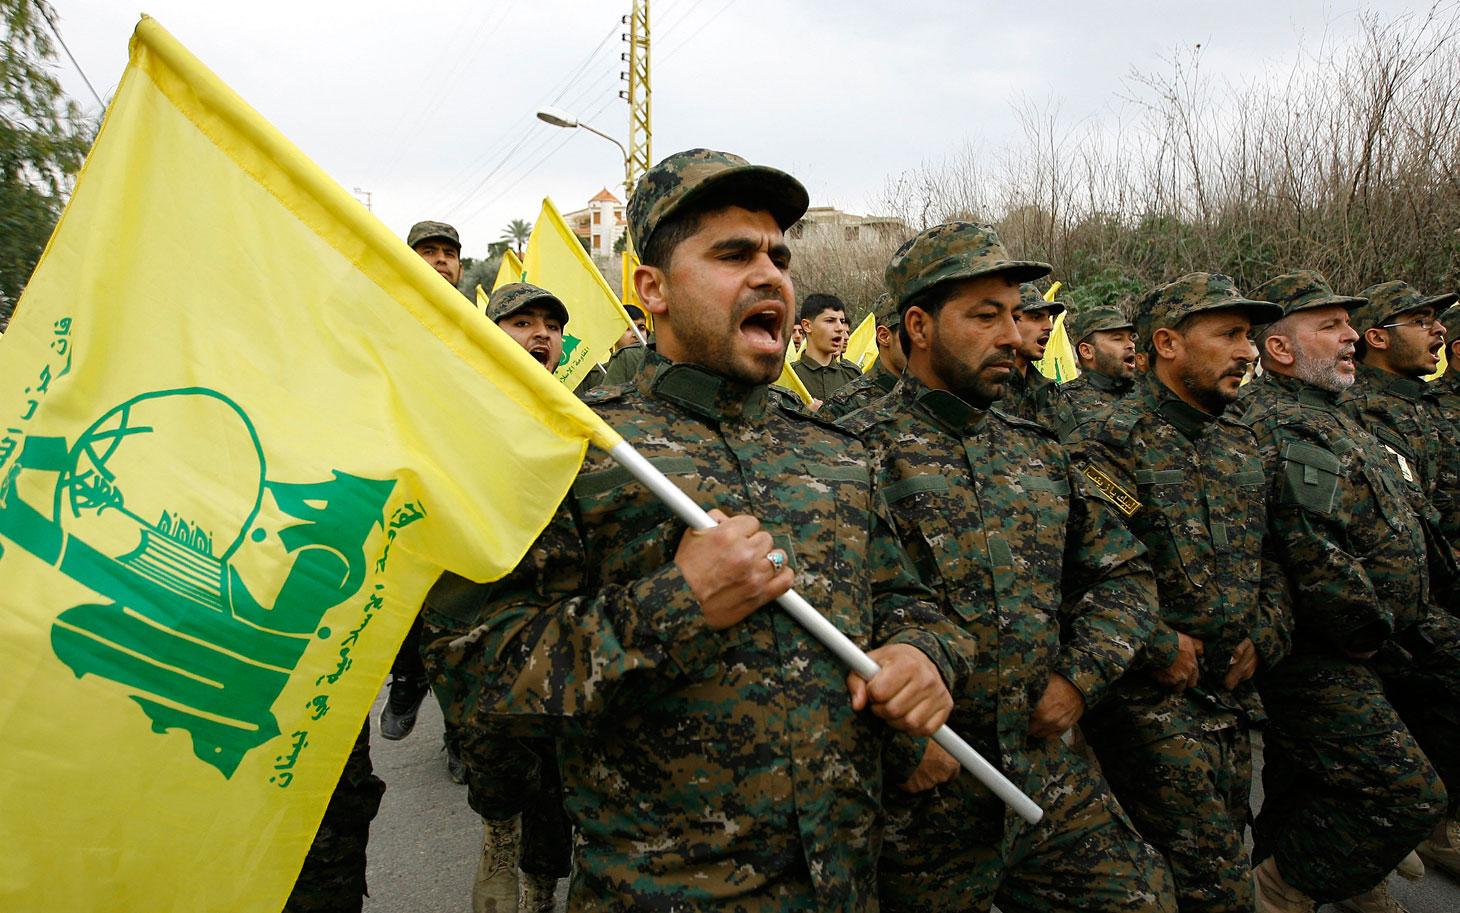 الف عنصر من حزب الله اللبناني وصلوا للعراق مؤخرا تمهيدا للسيطرة على كركوك والموصل